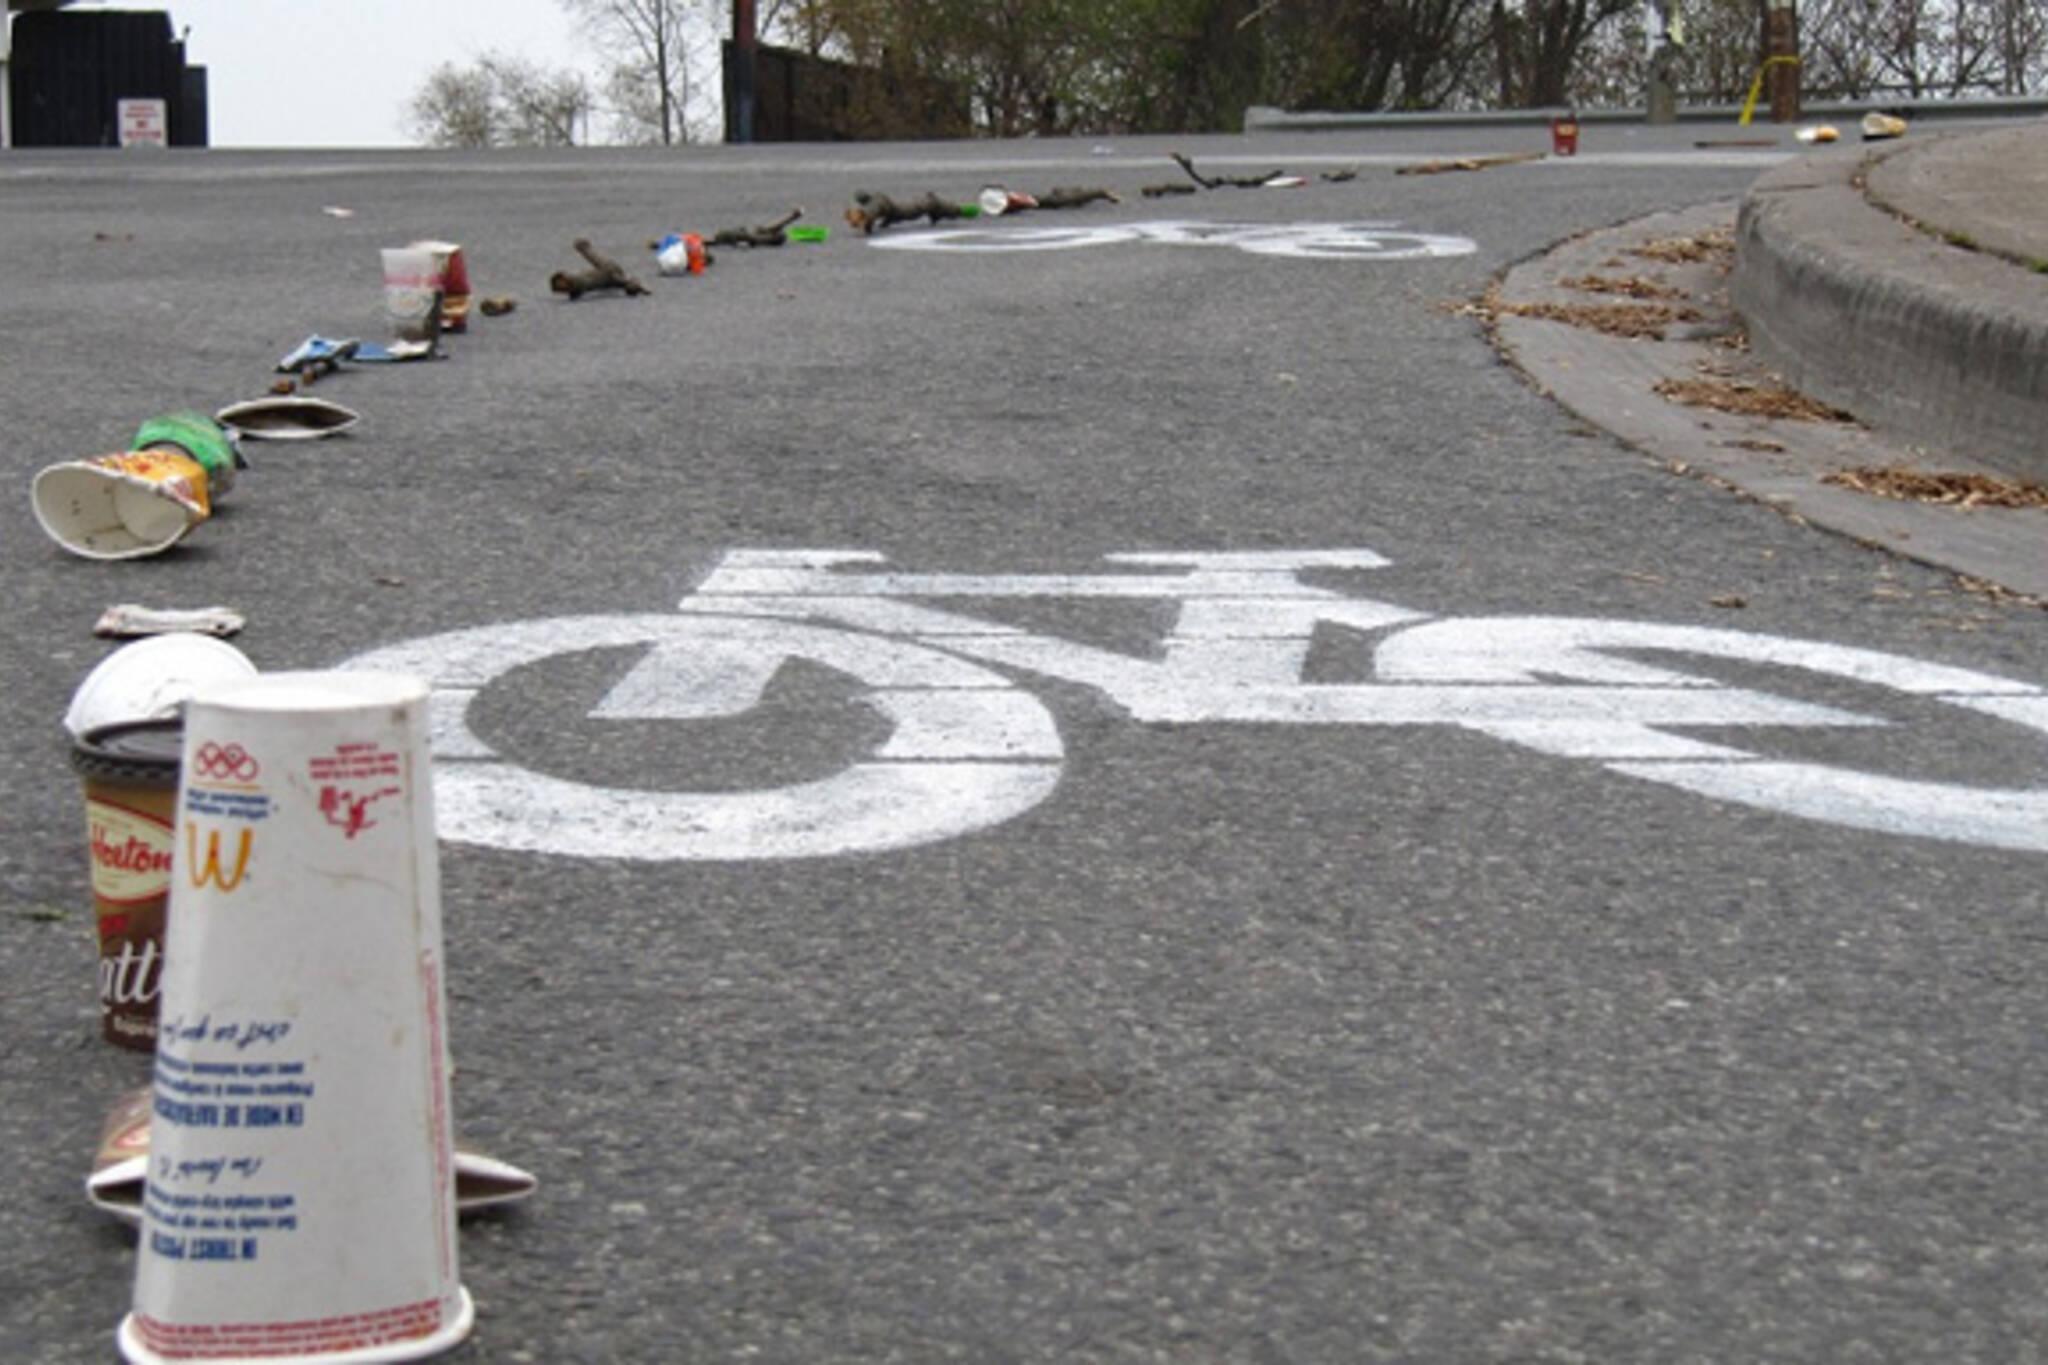 DIY Bike Lane Toronto